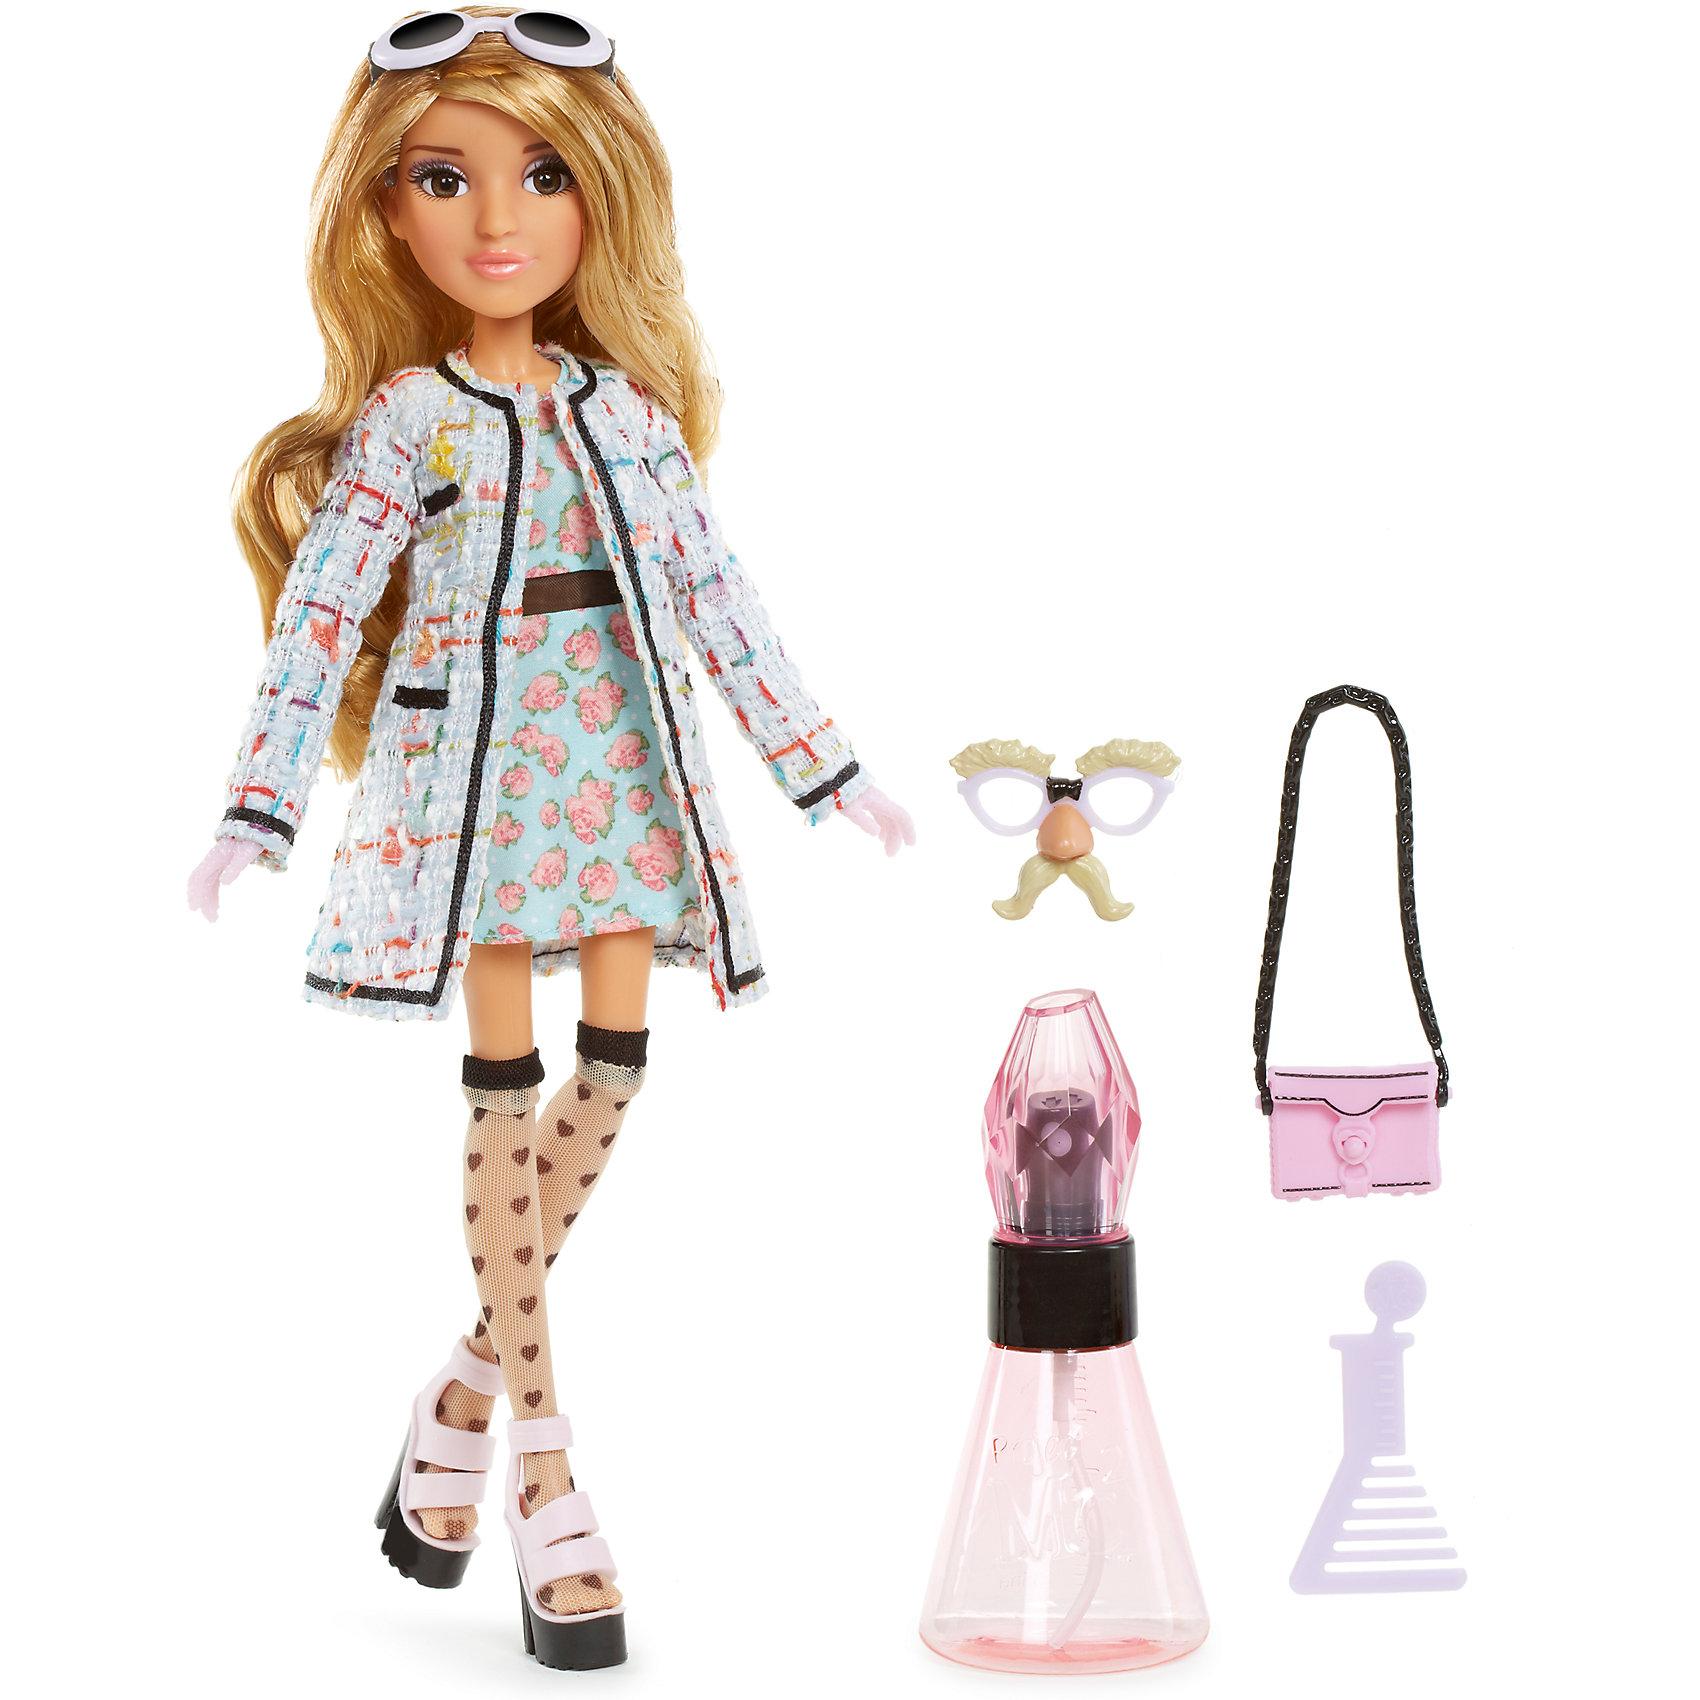 Кукла делюкс Адрианна, Project Mс2Бренды кукол<br>Кукла делюкс Адрианна, Project Mс2 (Проджект МСи2).<br><br>Характеристики:<br><br>• Размер куклы - 30 см.<br>• Вес: 0,2 кг.<br>• В комплекте: кукла, расческа, очки-маска, сумочка и колбочка для создания парфюма.<br>• Материал: пластик, текстиль.<br>• Подвижные суставы: колени, бедра, запястья, локти, плечи, шея.<br><br>Кукла Адрианна – это героиня популярного сериала «Project MС2»,девизом которого является «Быть умной – модно!». Адрианна одета в изящное платьице в цветочек и стильное пальто, а также чулки и босоножки на массивной платформе. Дополнить яркий образ длинноногой красавицы можно, надев на нее солнечные очки, выполненные в оригинальном стиле. Длинные реснички, очень «живые» глазки и выразительные черты лица – придают кукле реалистичный вид. Роскошные, вьющиеся белокурые  волосы ваша девочка сможет расчесывать и укладывать в затейливые прически. Такая куколка станет желанным подарком для вашей девочки!<br><br>Куклу делюкс Адрианна, Project Mс2 (Проджект МСи2), можно купить в нашем интернет – магазине.<br><br>Ширина мм: 260<br>Глубина мм: 330<br>Высота мм: 70<br>Вес г: 515<br>Возраст от месяцев: 72<br>Возраст до месяцев: 2147483647<br>Пол: Женский<br>Возраст: Детский<br>SKU: 5185764